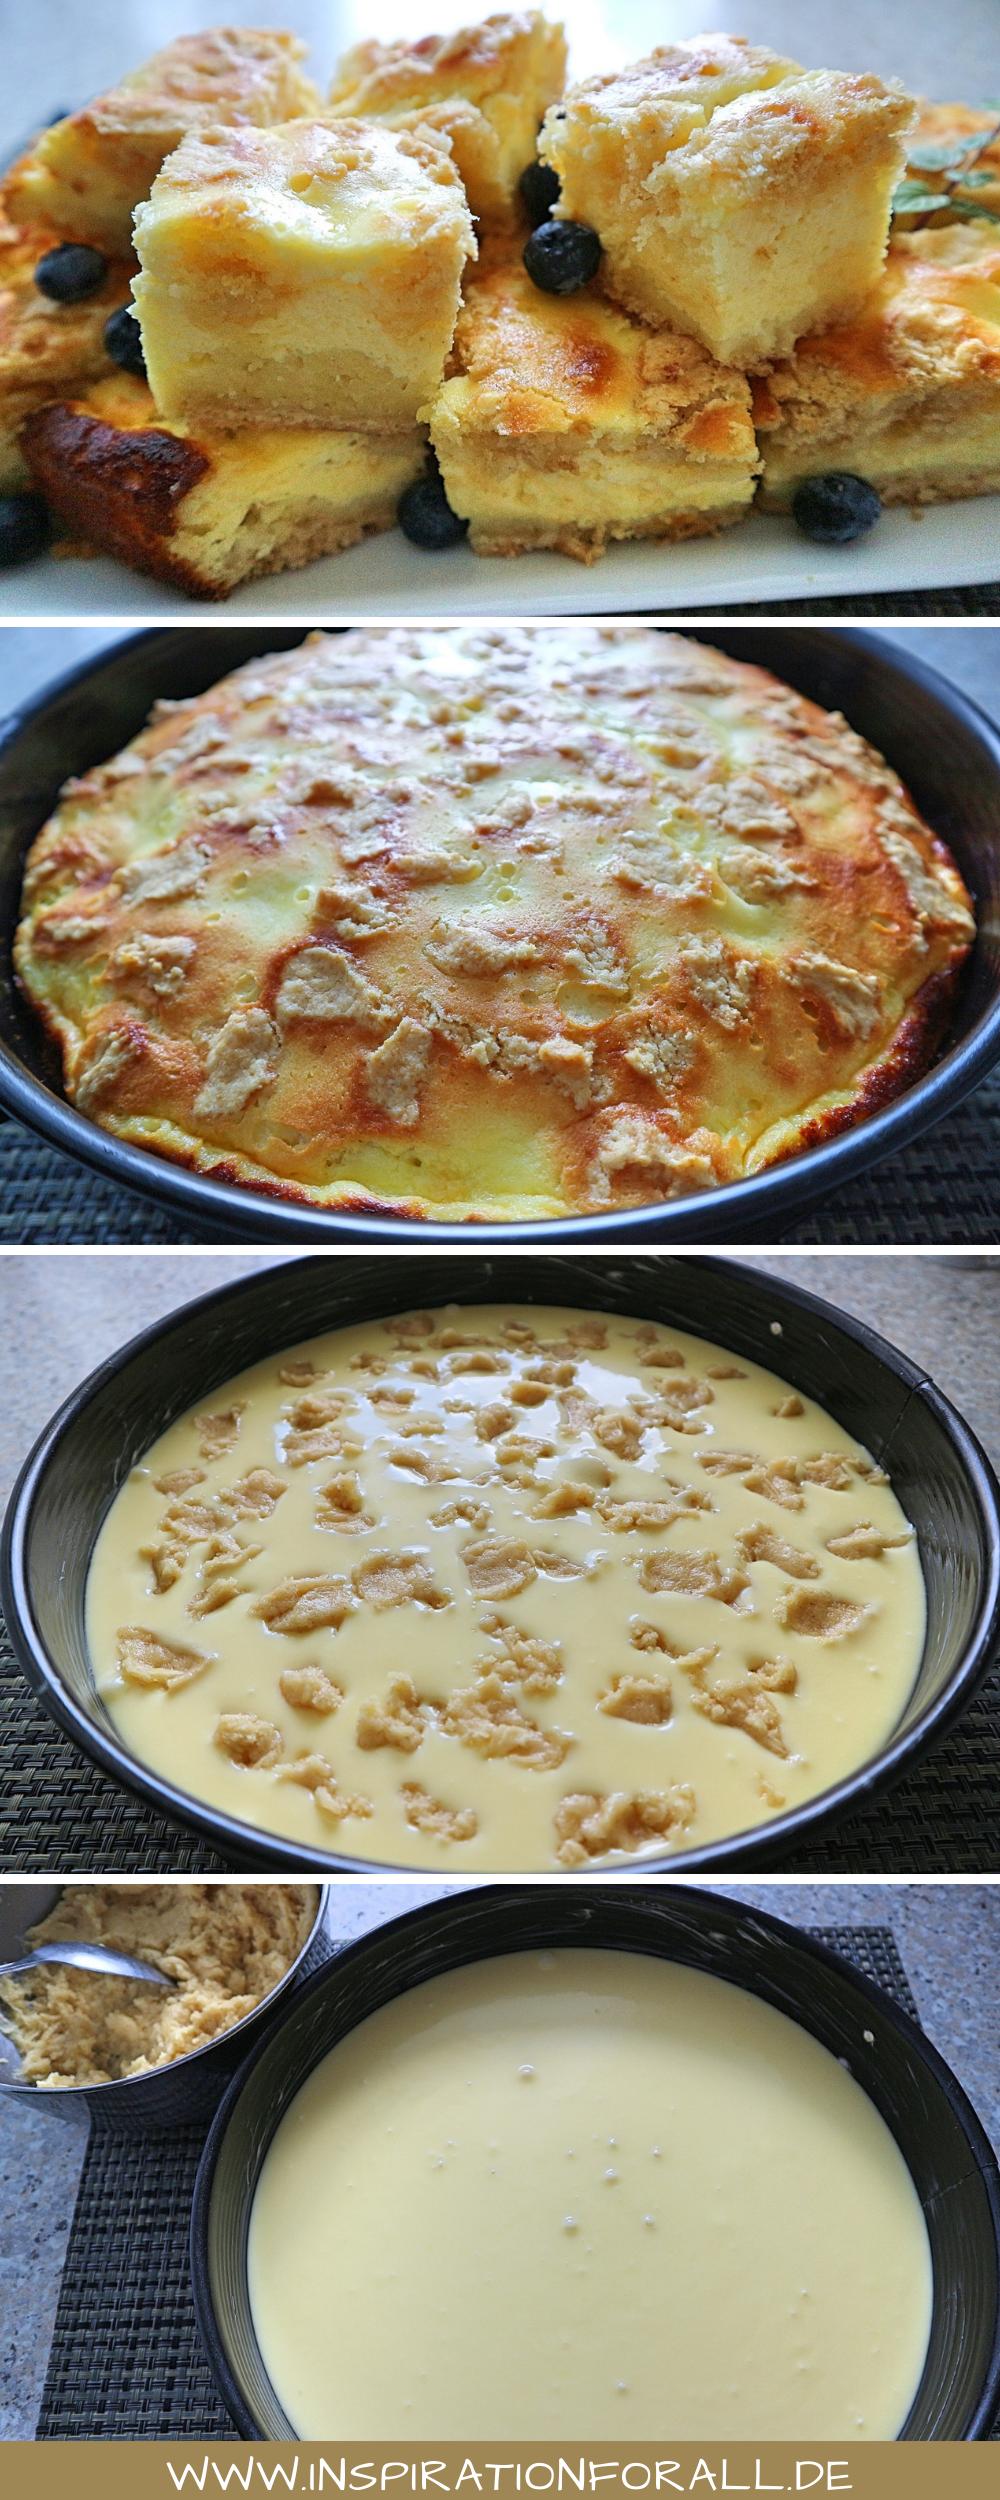 Quarkkuchen zarter – einfaches, schnelles & sehr leckeres Rezept – Leckere Rezepte von inspirationforall.de – einfach, schnell, besonders